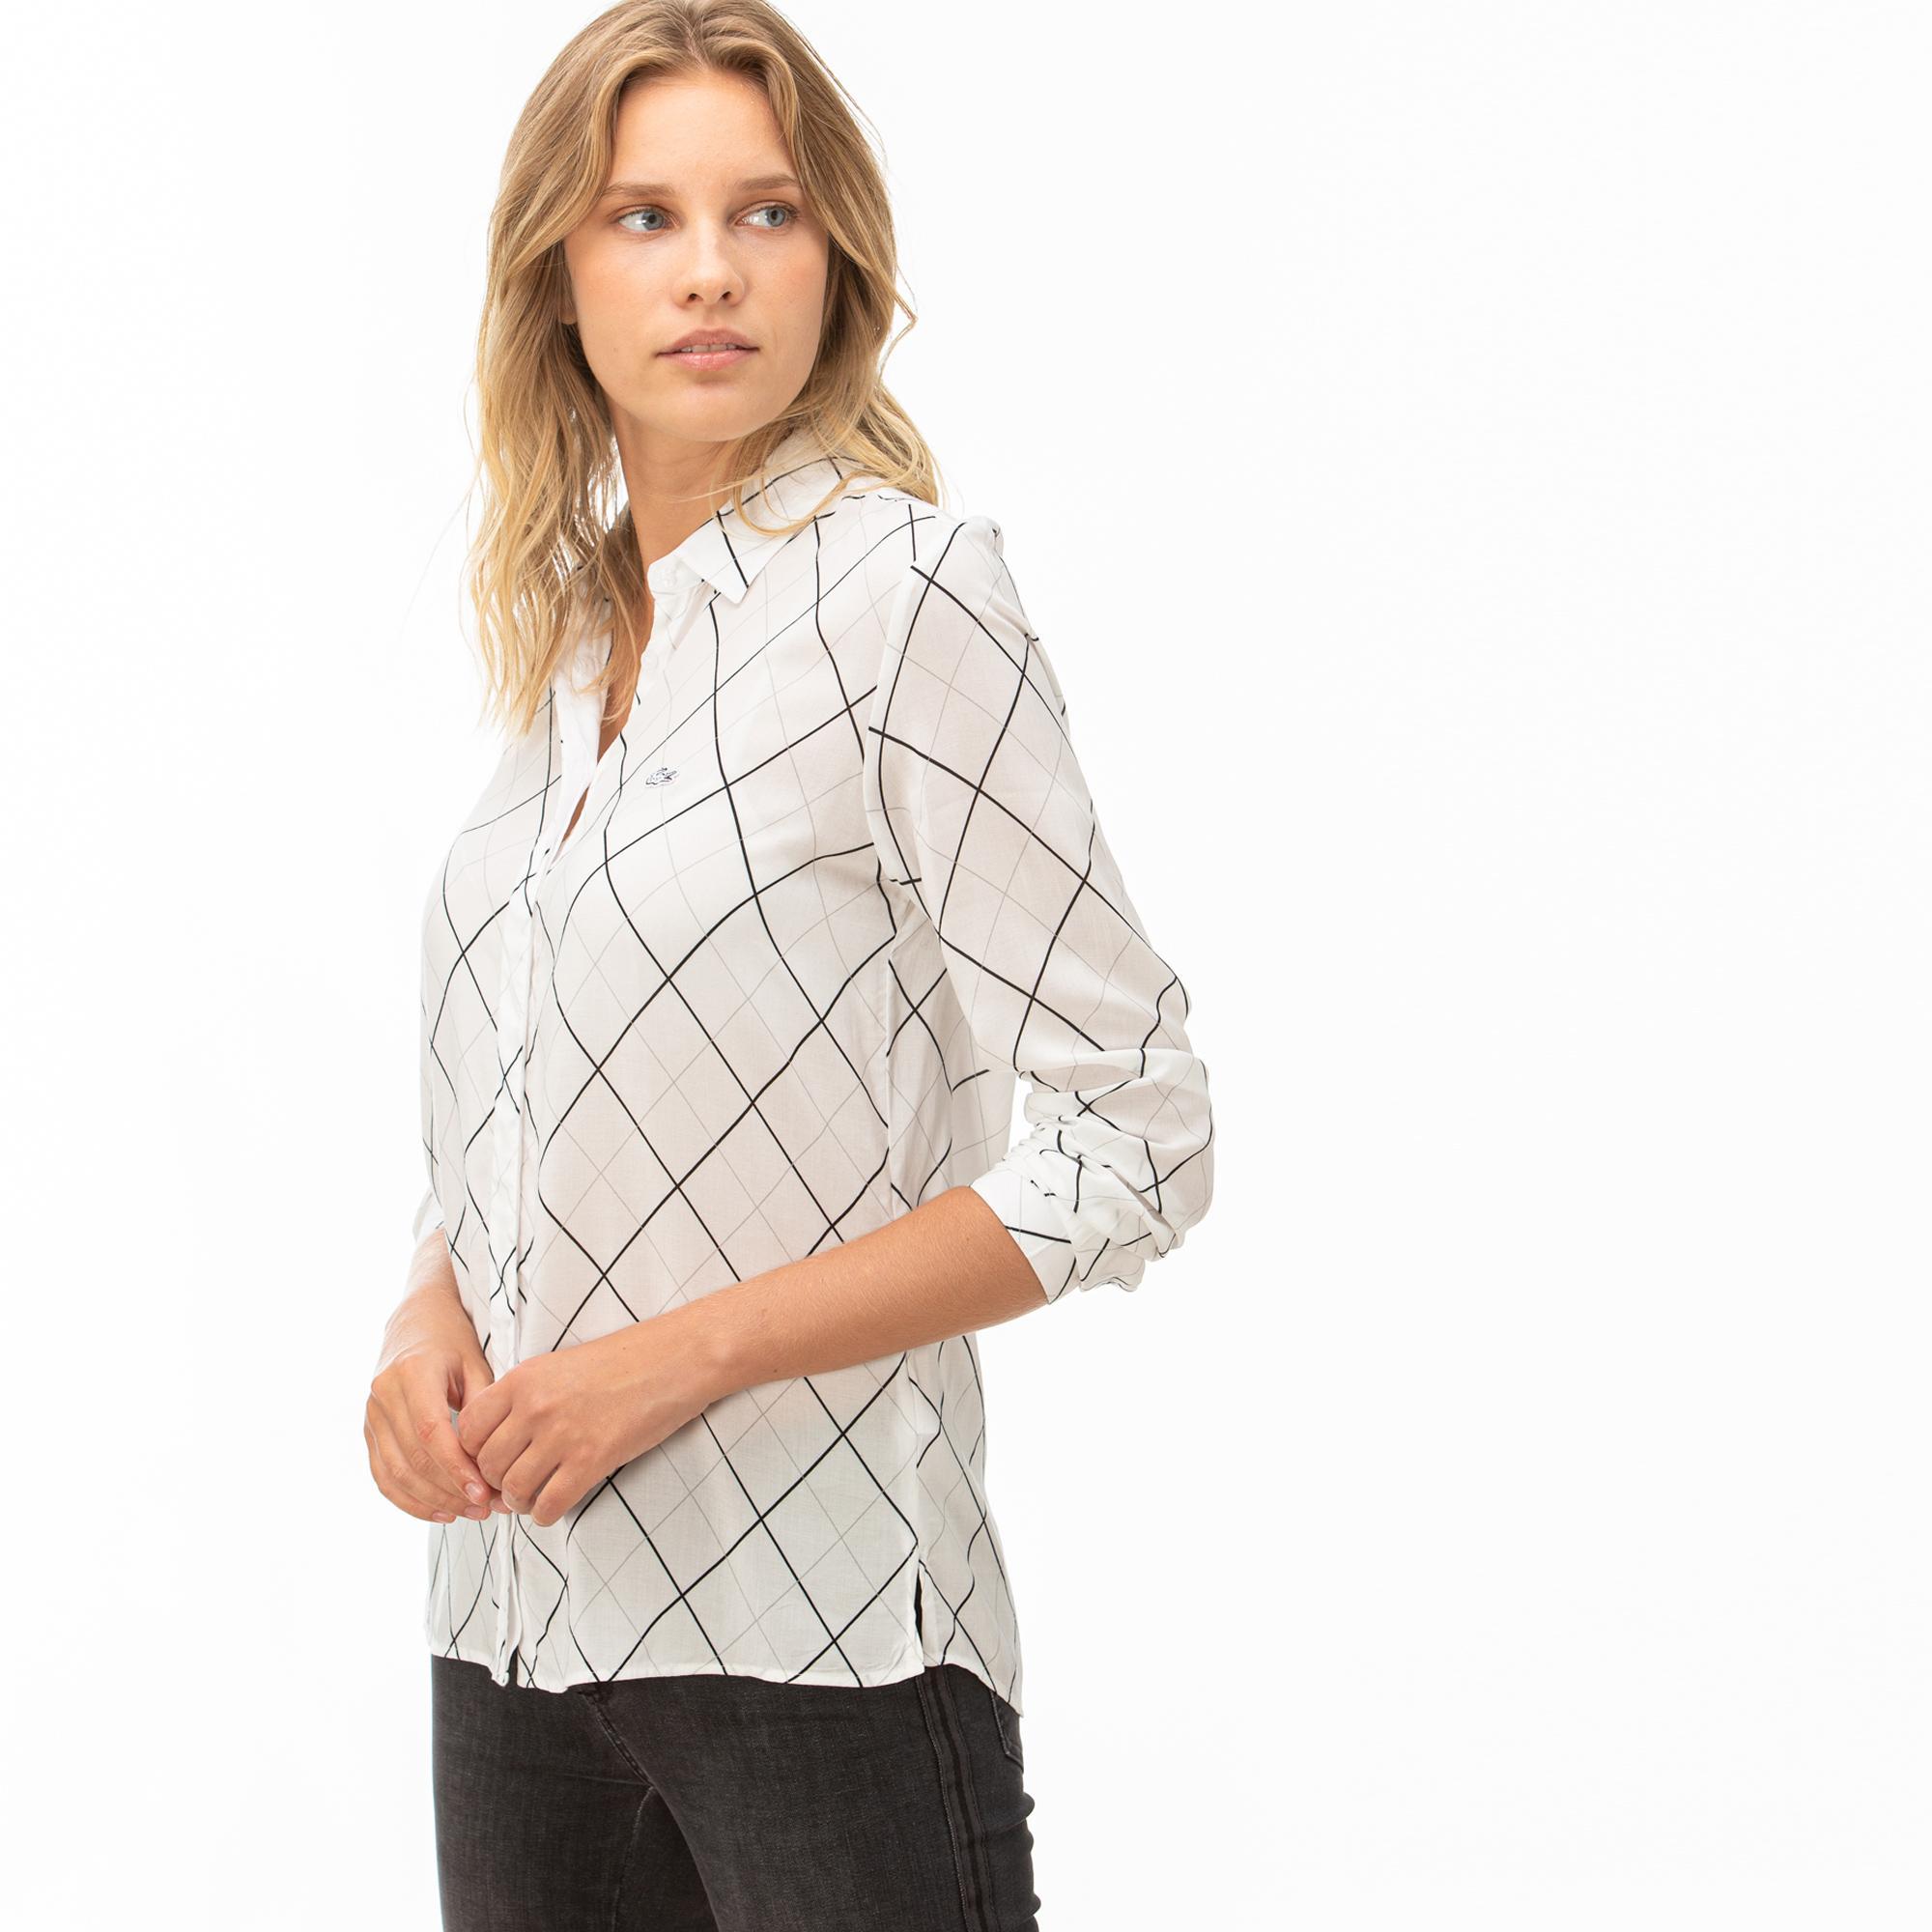 Lacoste Kadın Çizgili Beyaz Gömlek